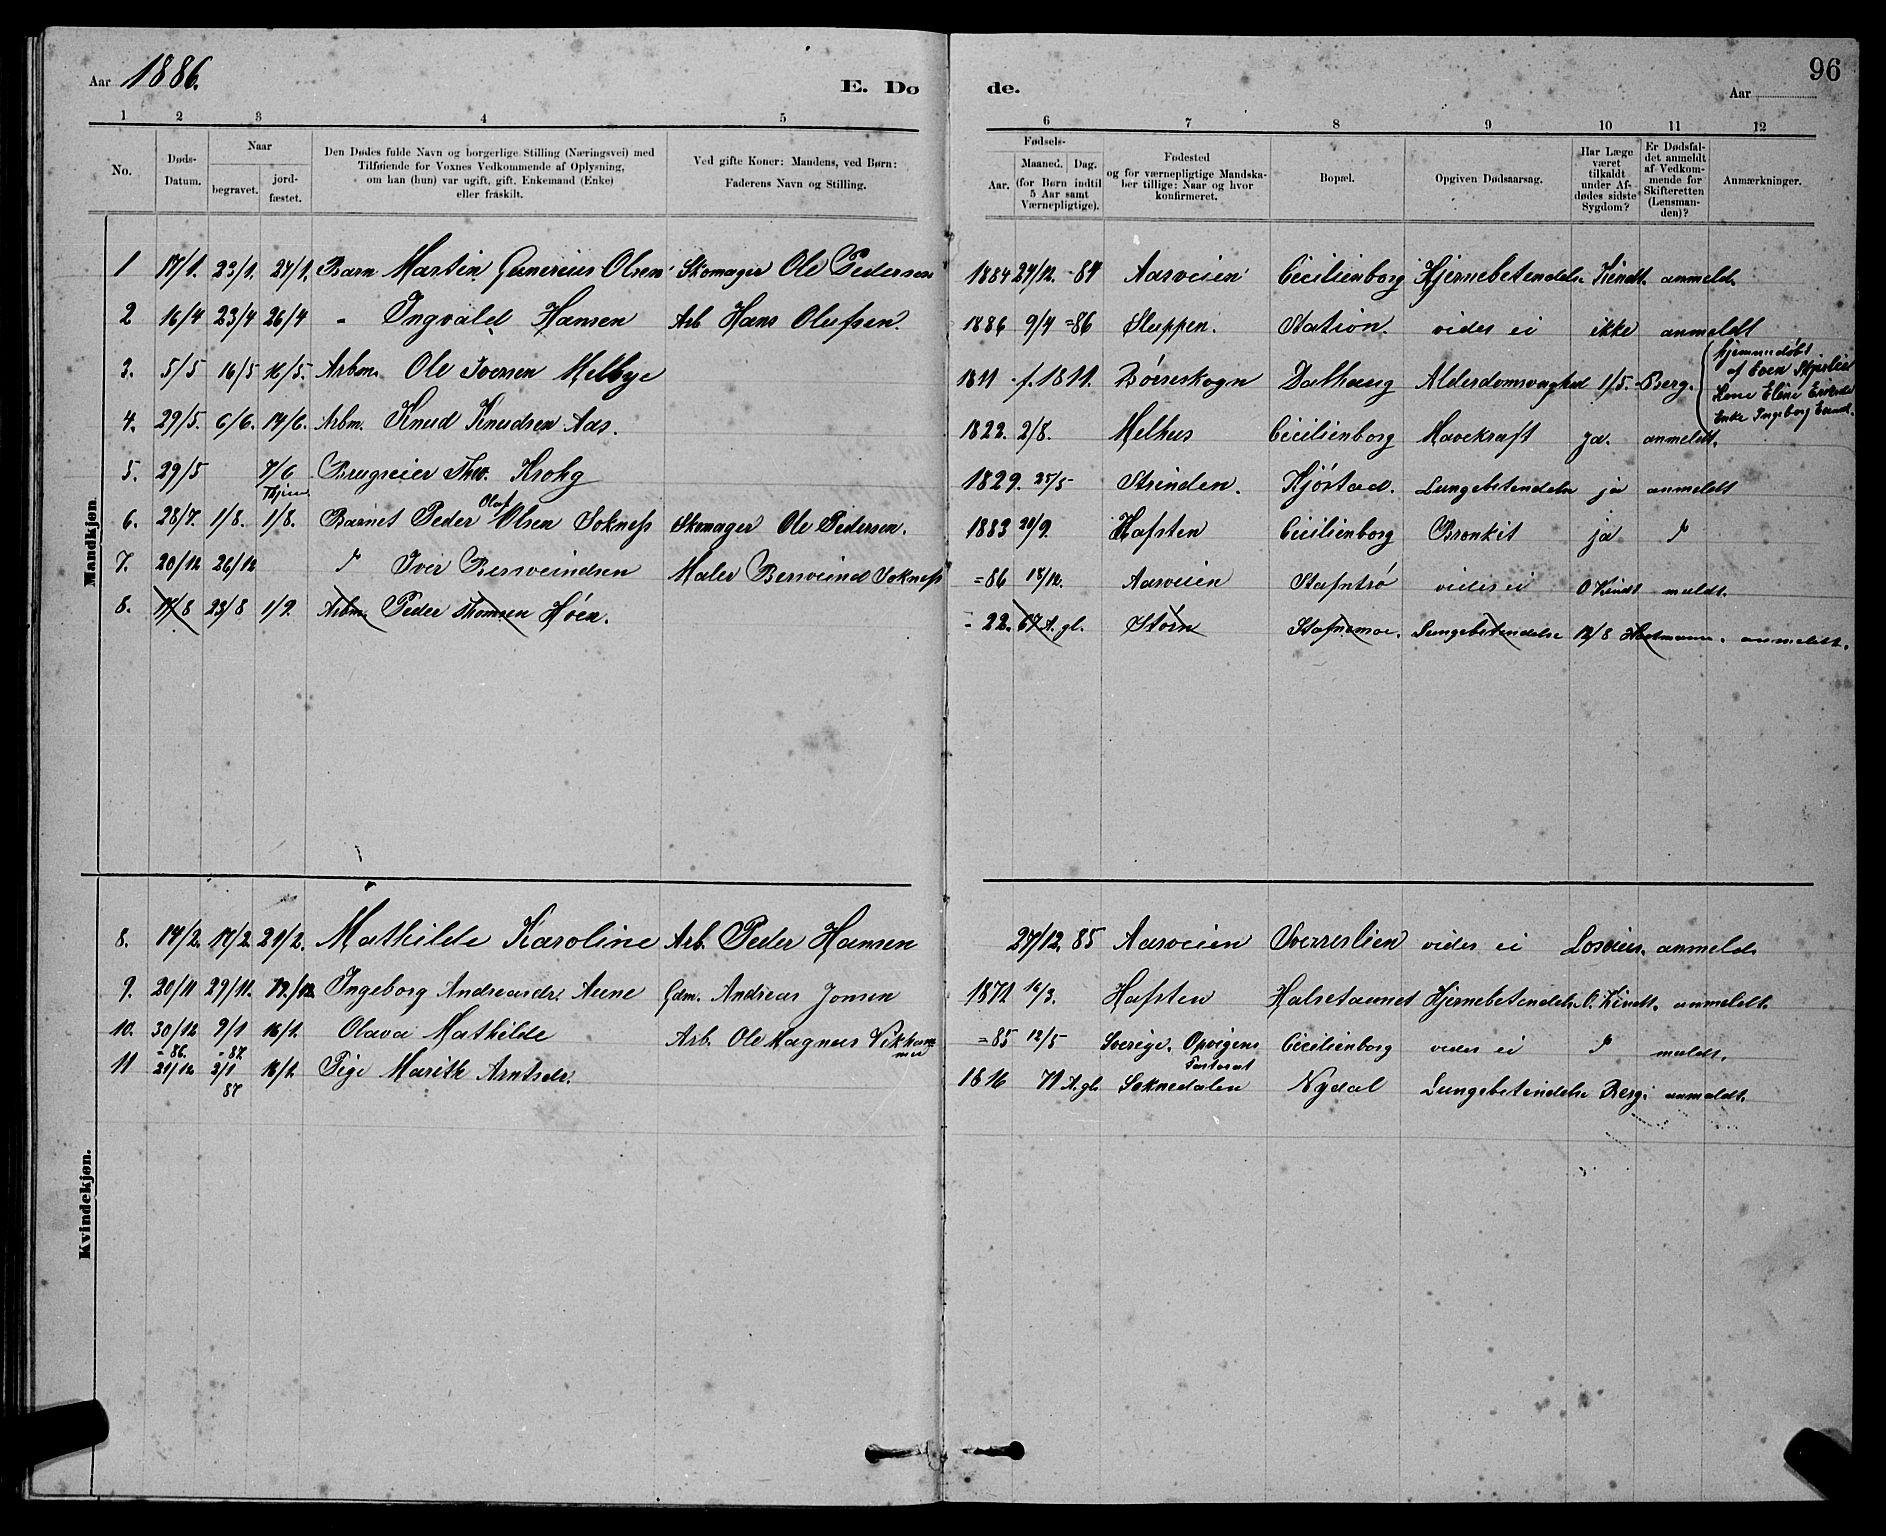 SAT, Ministerialprotokoller, klokkerbøker og fødselsregistre - Sør-Trøndelag, 611/L0354: Klokkerbok nr. 611C02, 1881-1896, s. 96